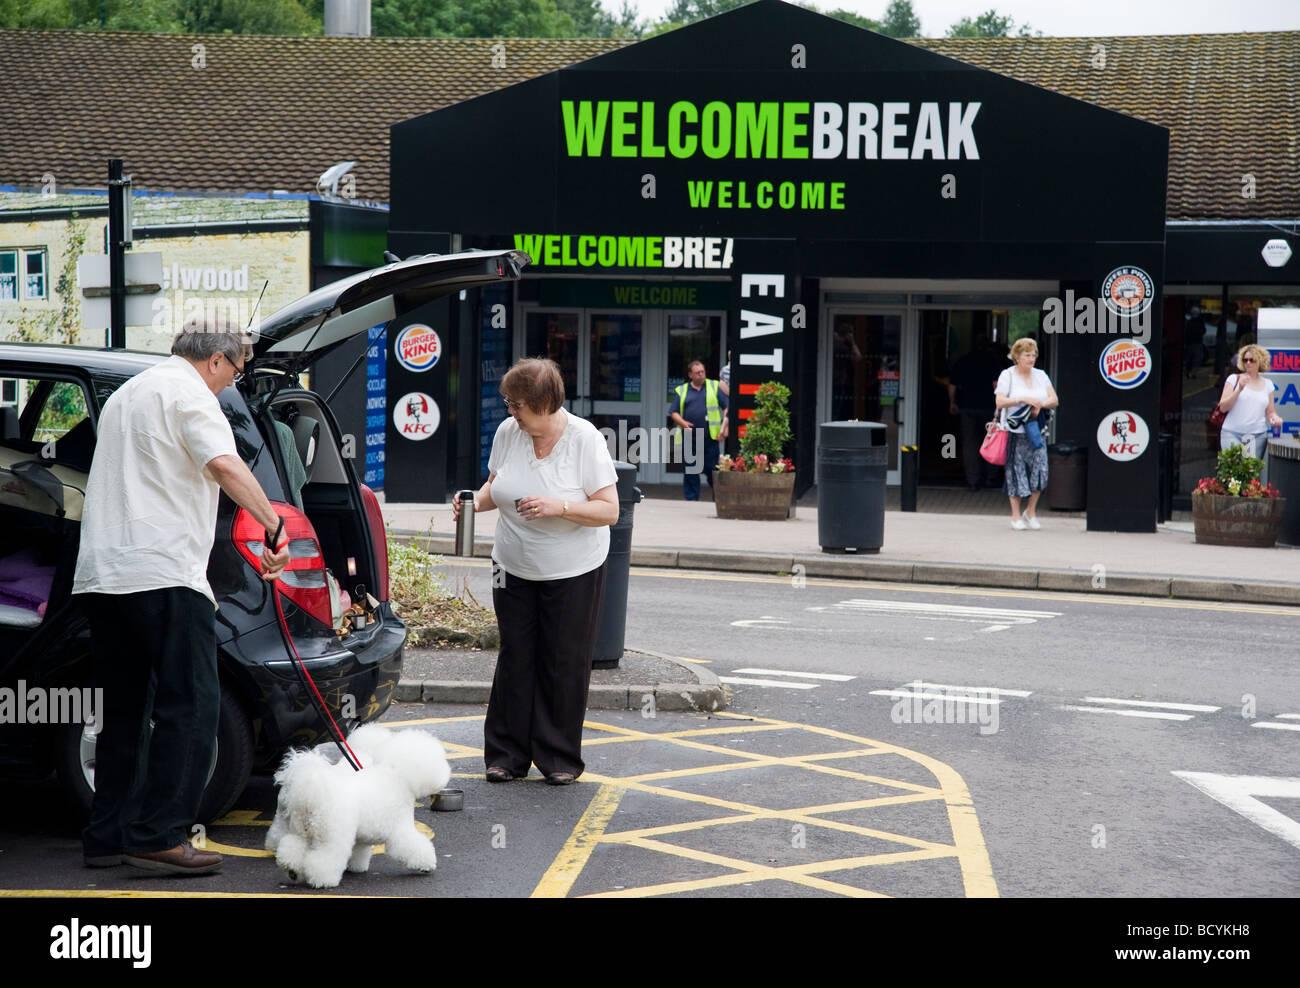 Estación de servicio Welcome Break de la autopista Foto de stock